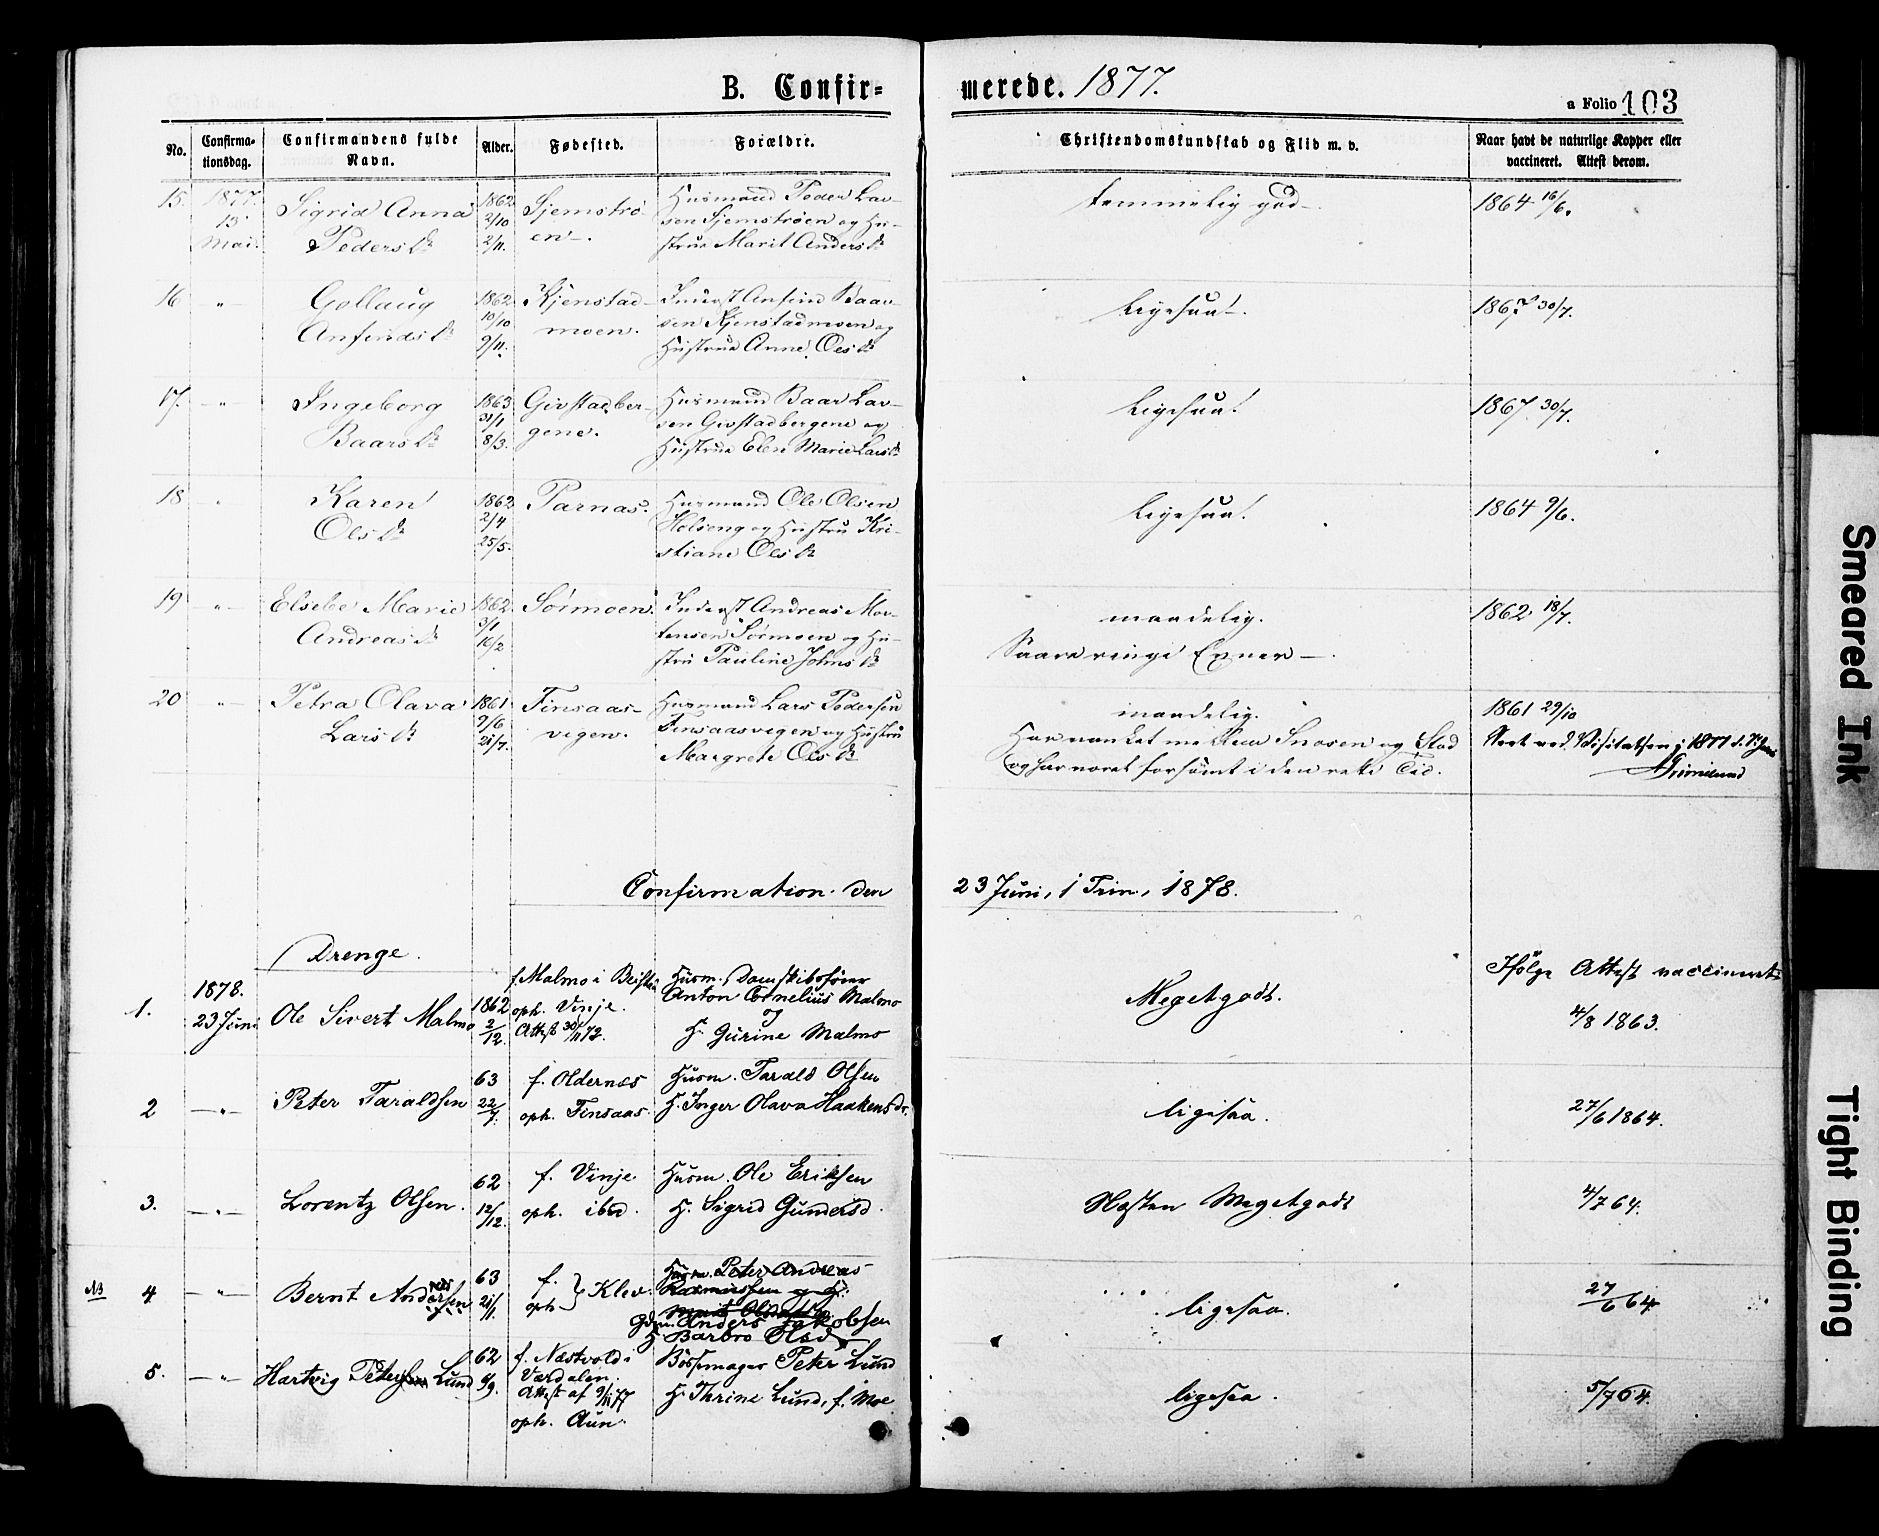 SAT, Ministerialprotokoller, klokkerbøker og fødselsregistre - Nord-Trøndelag, 749/L0473: Ministerialbok nr. 749A07, 1873-1887, s. 103